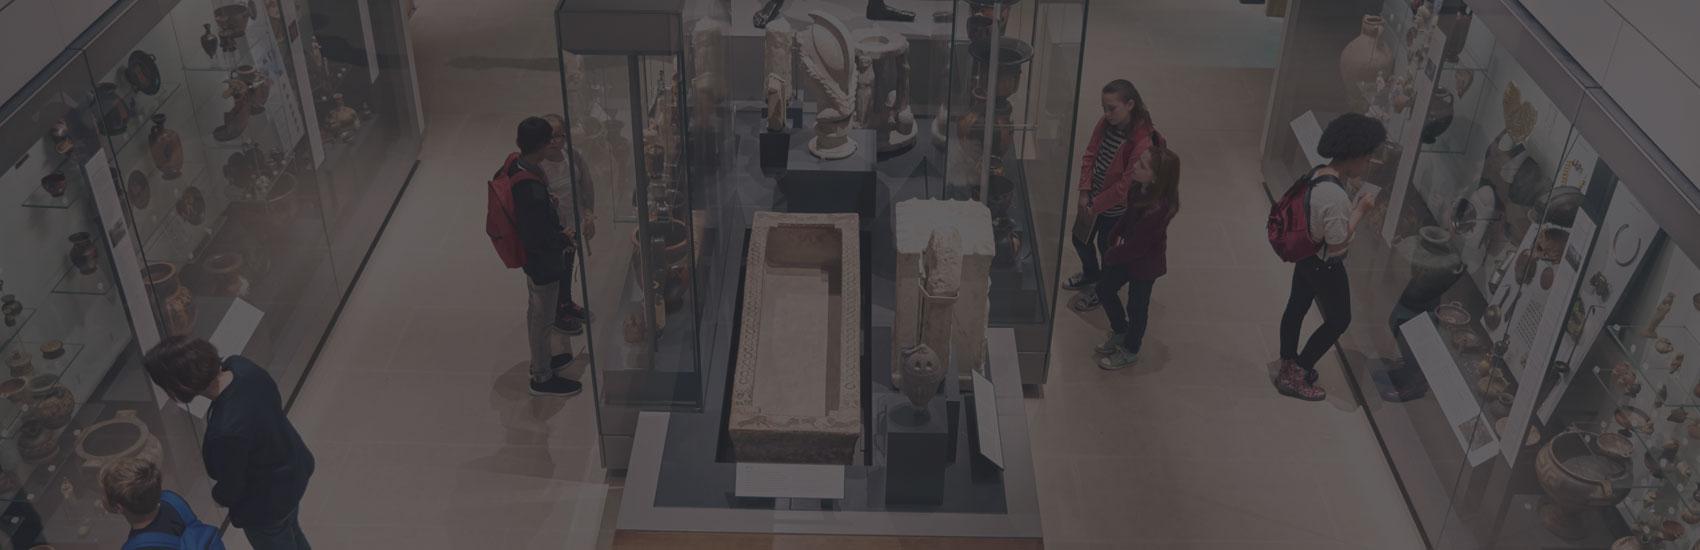 Cet été, visitez votre Musée